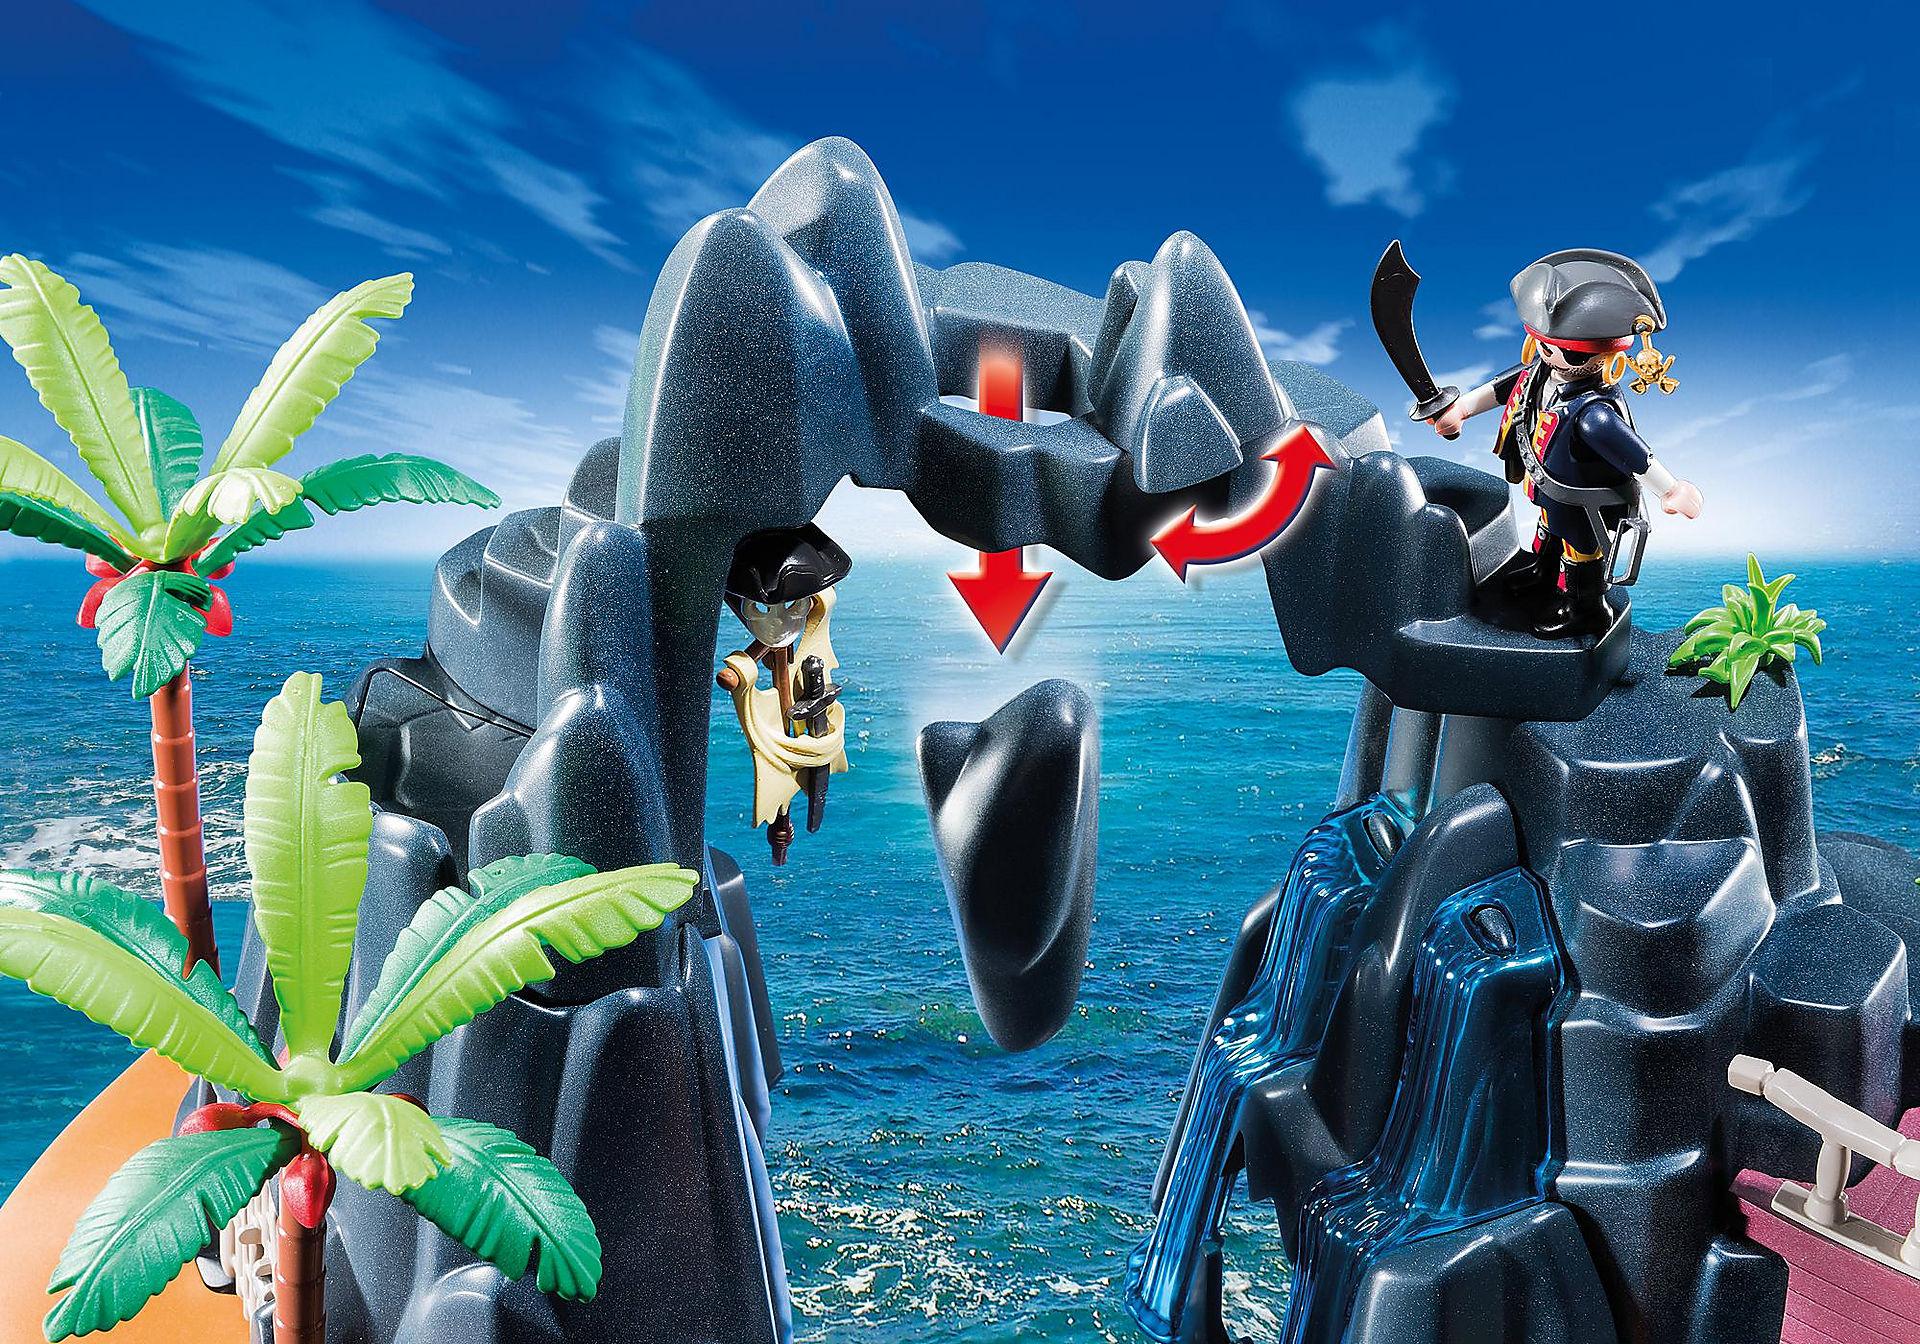 6679 Pirate Treasure Island zoom image9